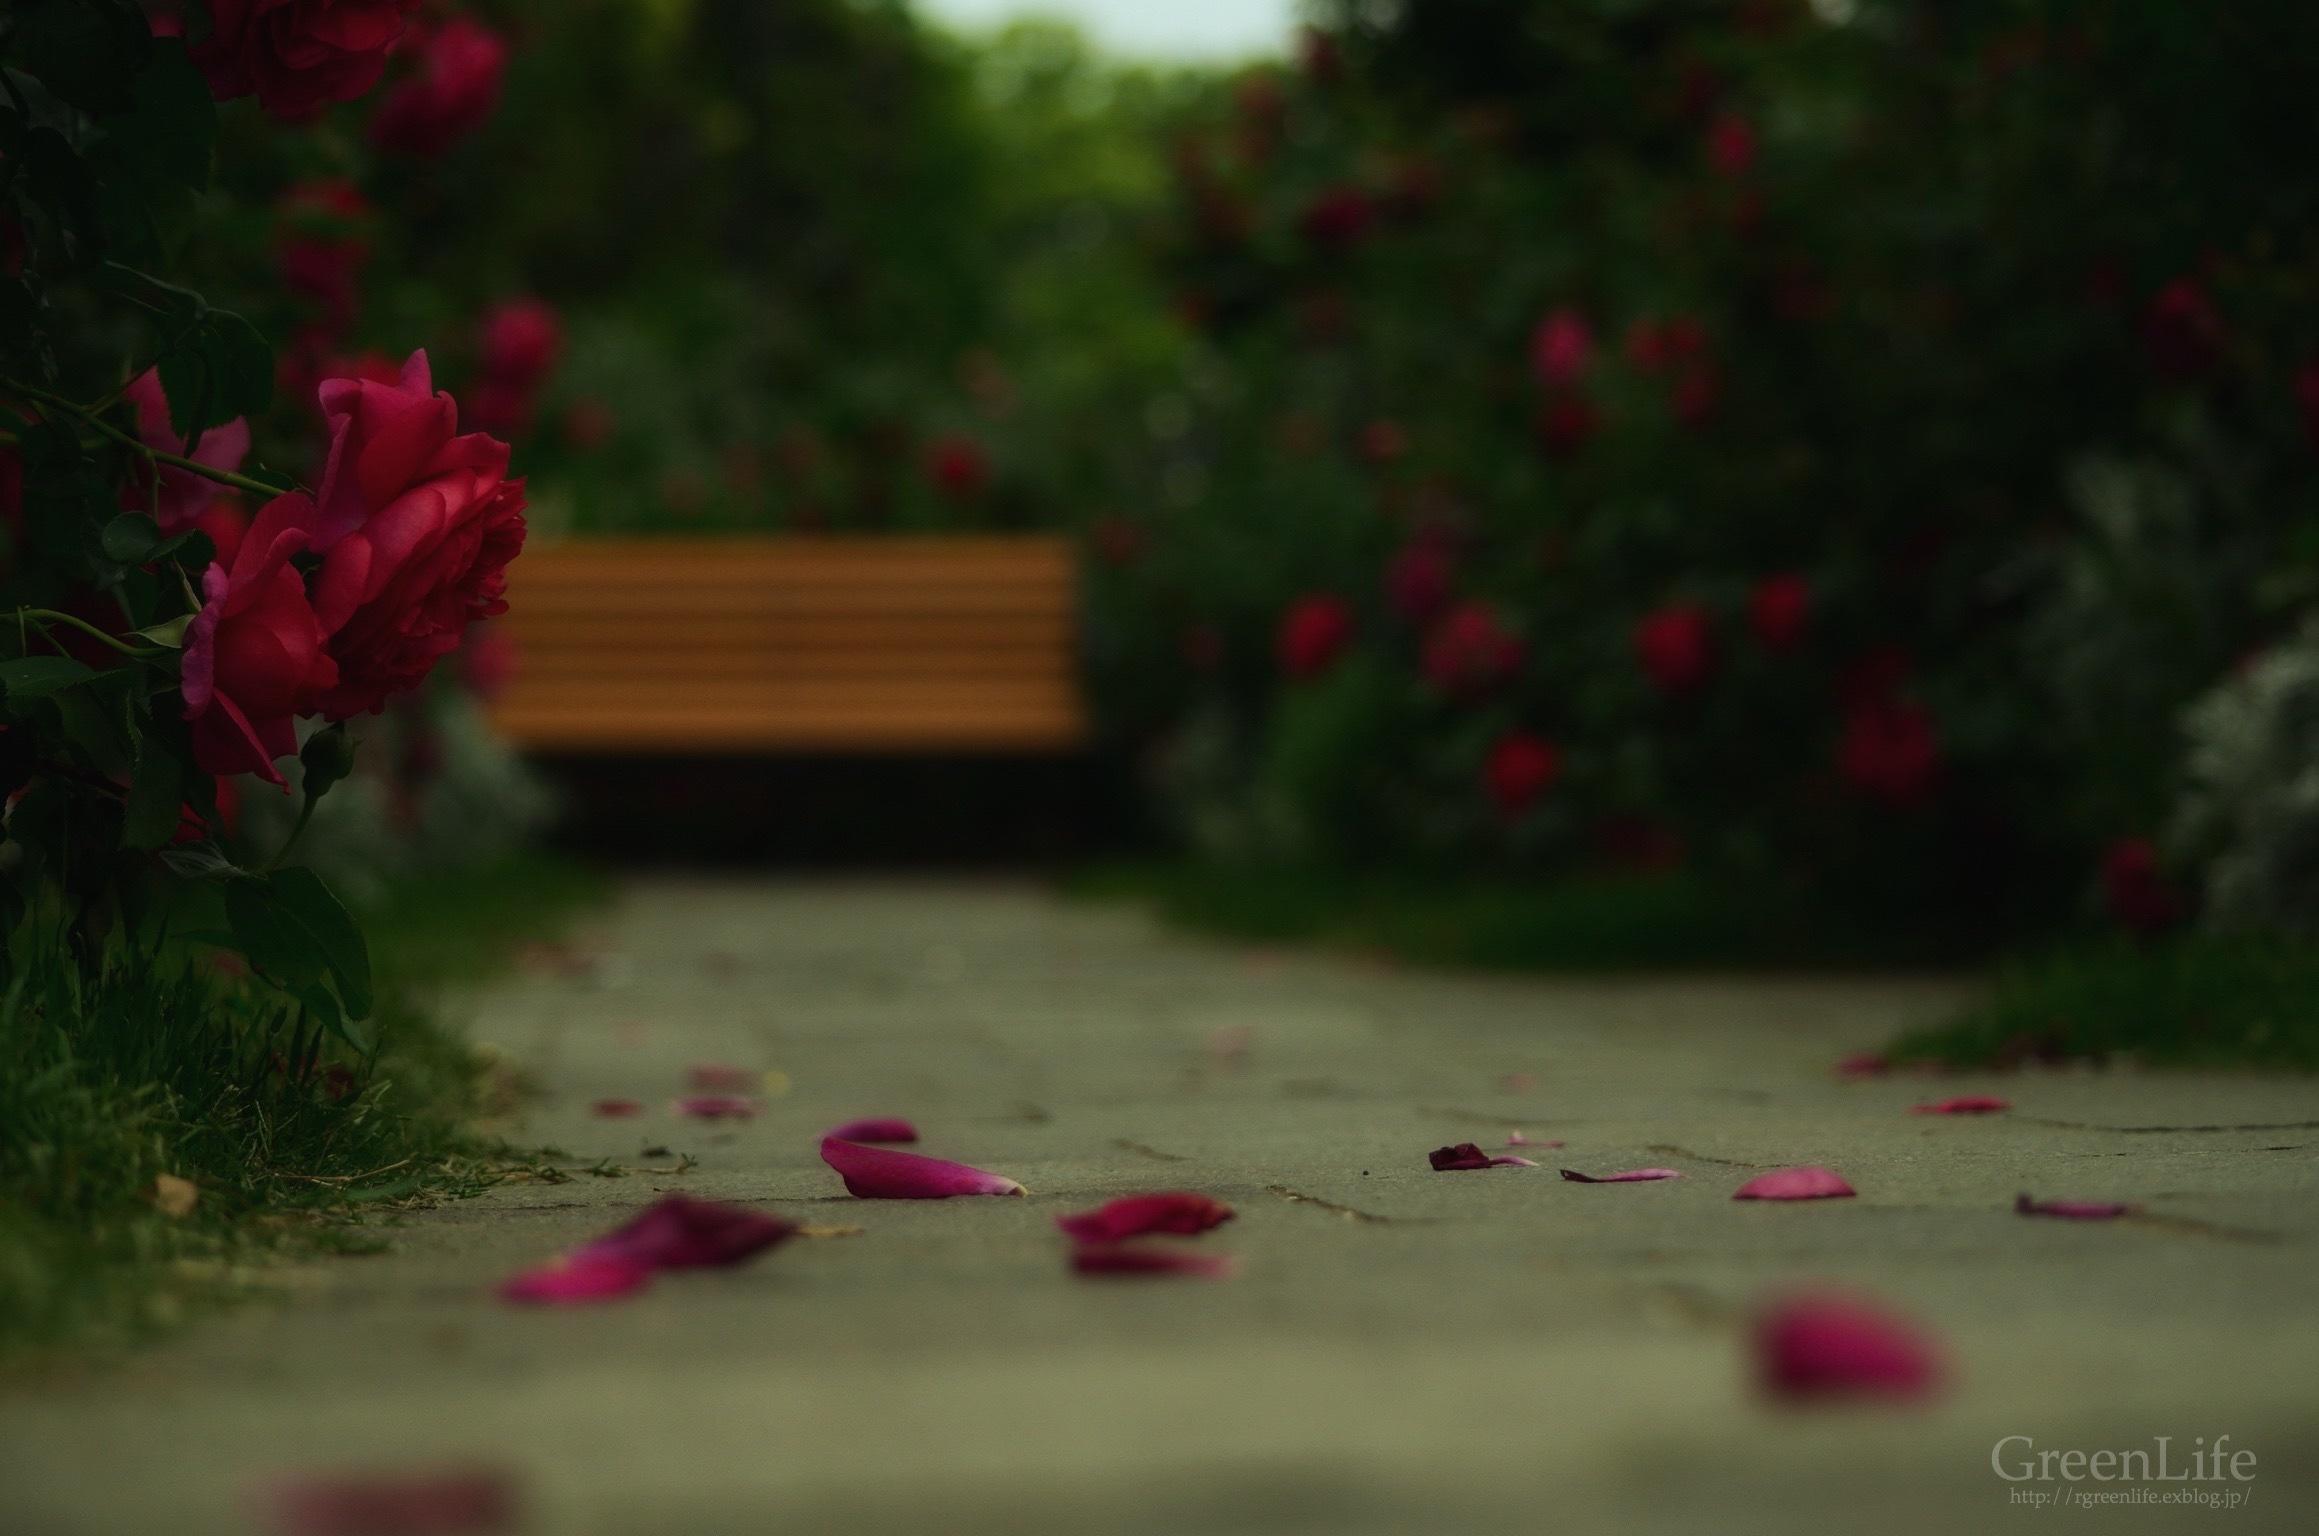 薔薇のテーマ_f0321522_09463965.jpg